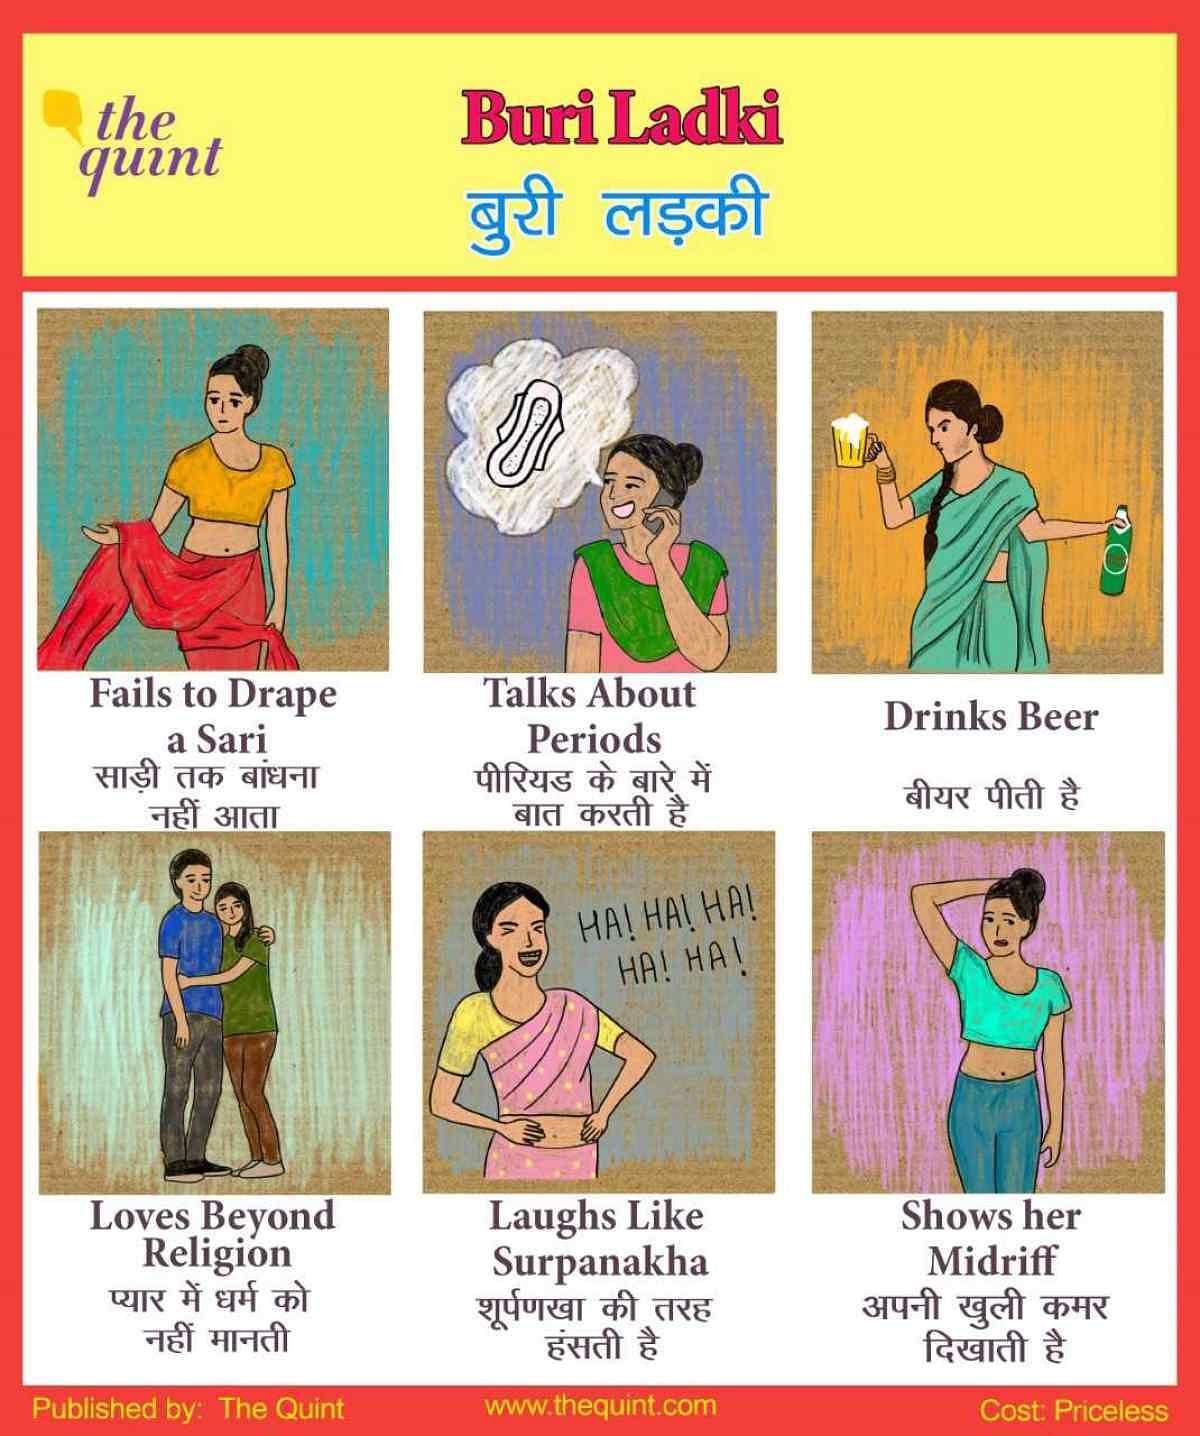 क्या आप 'बुरी लड़की' हैं? बीयर पीती हैं या शूर्पणखा जैसी हंसती हैं